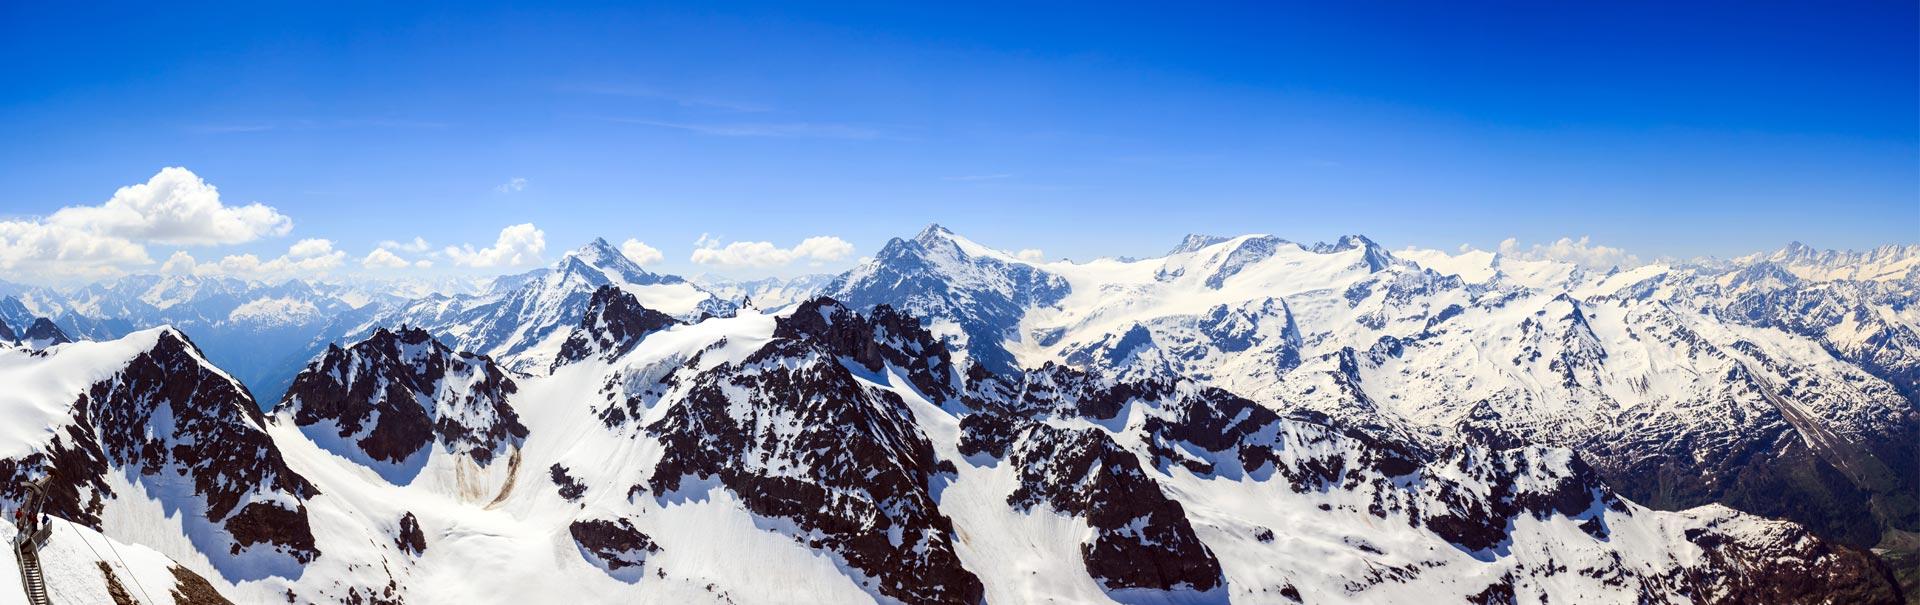 Best of Switzerland (SHSW18) Banner